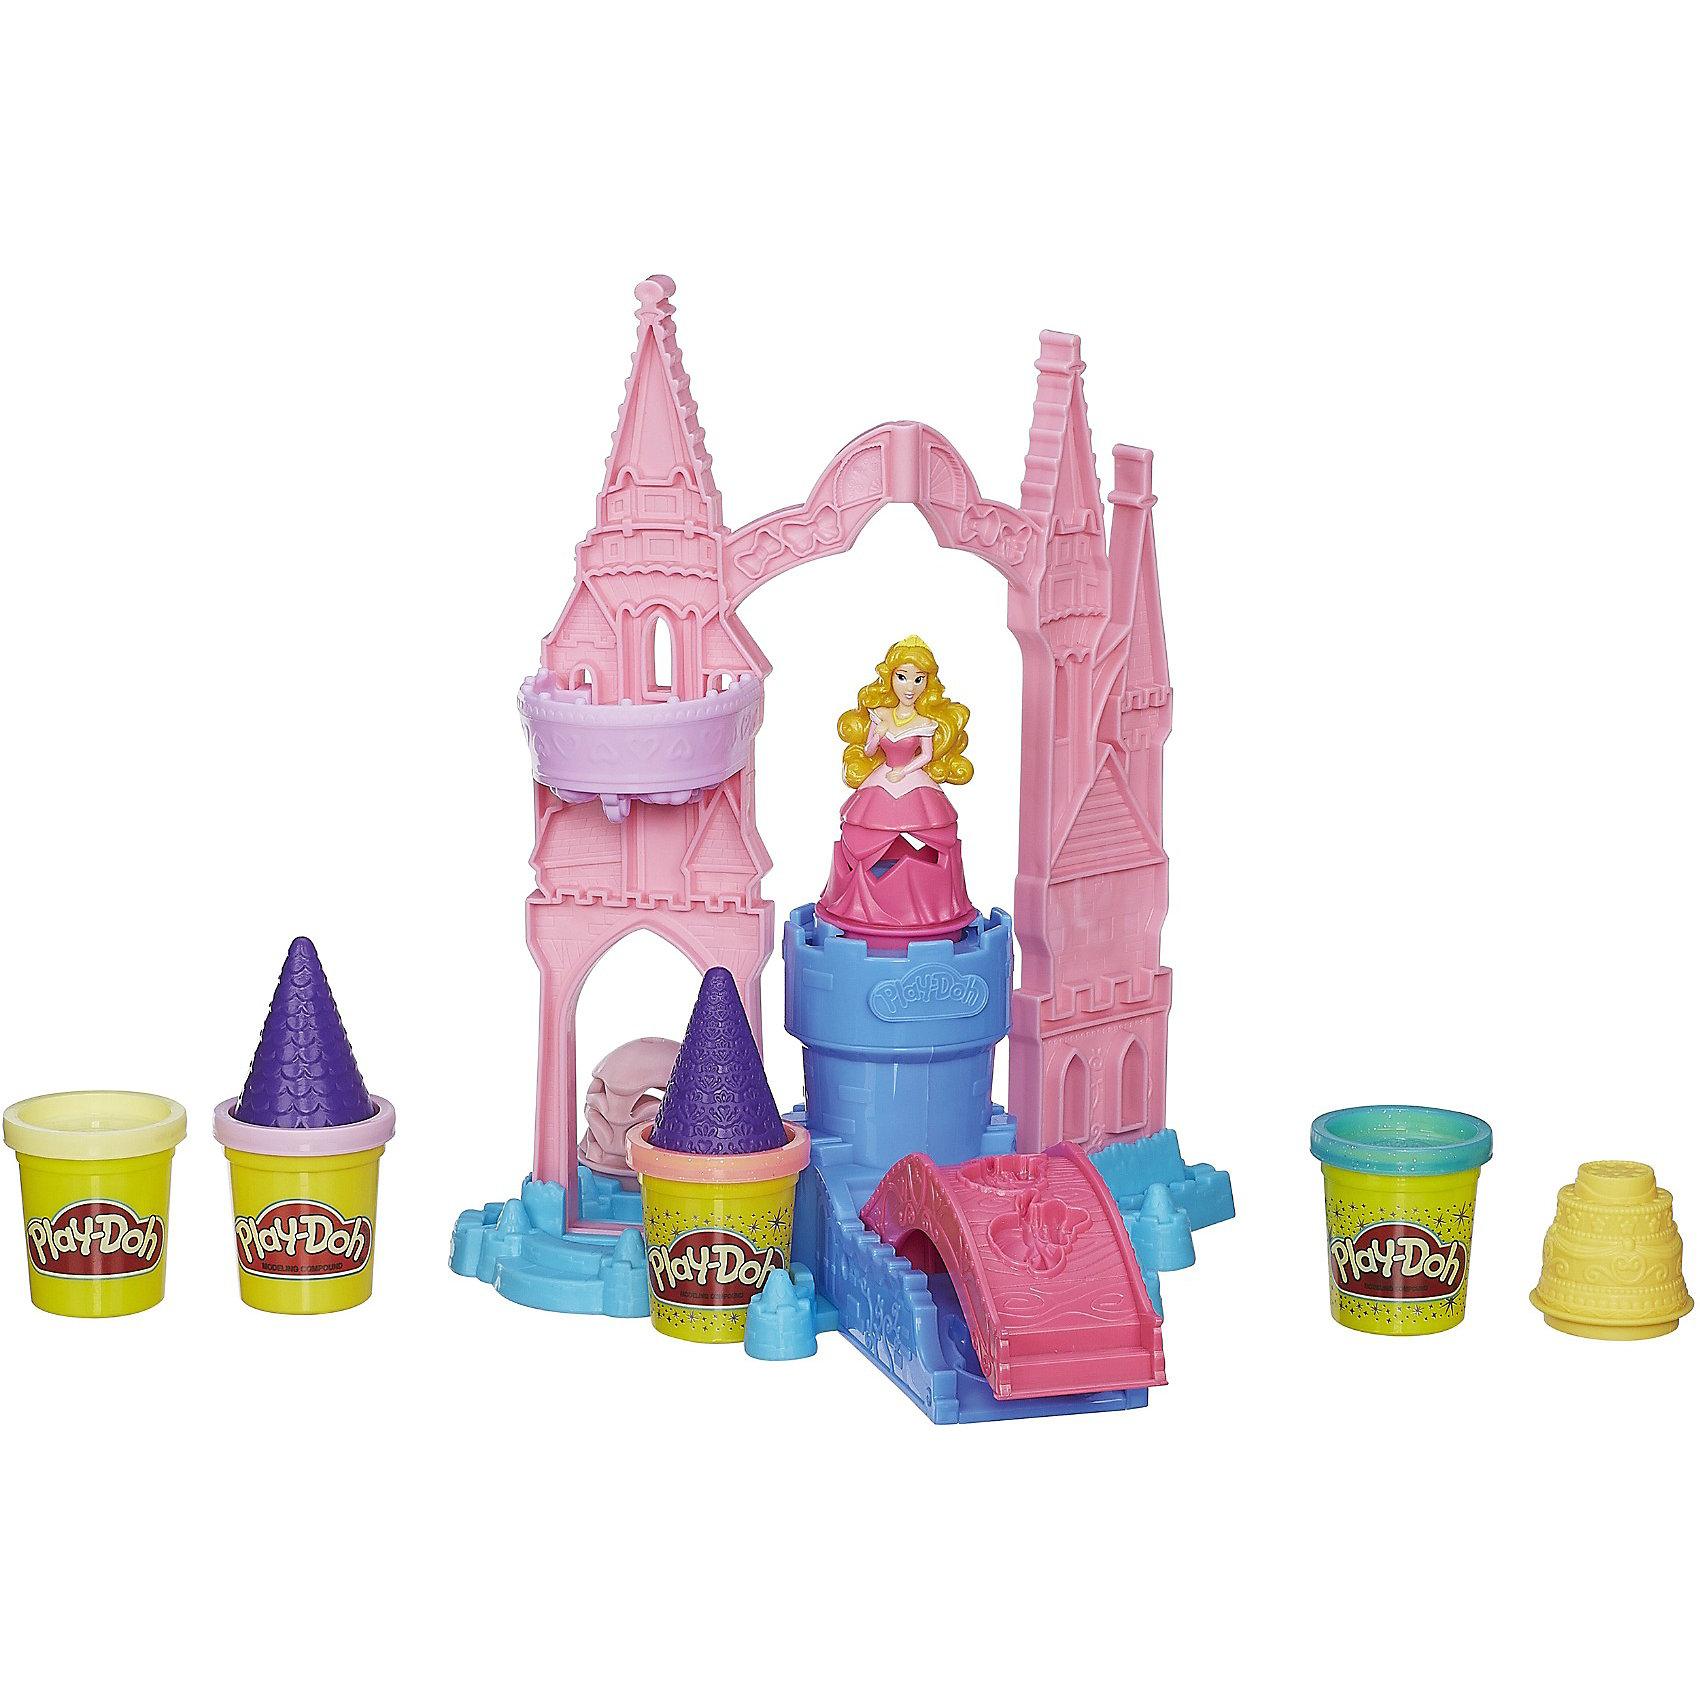 Игровой набор Чудесный замок Авроры,Play-DohНаборы для лепки<br>Игровой набор Чудесный замок Авроры, Play-Doh (Плей До) - замечательный набор для игр и творчества, который порадует всех юных поклонниц диснеевских сказок о волшебных принцессах. В комплект входят детали для сборки роскошного замка принцессы Авроры с красивым, ярко-розовым мостом, множеством аксессуаров и фигуркой принцессы. С помощью деталей и 4 баночек пластилина, два из которых с блестками, Ваша малышка сможет украсить замок на свой вкус.<br><br>Пластилином можно украсить не только замок, но также платье принцессы и тортик, который она приготовила для своих гостей. Пластилин Play-Doh не липнет к рукам и поверхностям, легко собирается обратно в банку и быстро застывает. Чтобы пластилин стал снова мягким, его достаточно смочить водой, он приготовлен на растительной основе и полностью безопасен для детей.<br><br>Дополнительная информация:<br><br>- В комплекте: замок, фигурка принцессы, два наряда принцессы, тортик, ролики, 4 баночки с пластилином (2 Play-Doh, 2 Play-Doh Sparkle - блестящего пластилина).<br>- Материал: пластик, пластилин.<br>- Размер упаковки: 33 х 8 х 33 см.<br>- Вес: 0,92 кг.<br><br>Игровой набор Чудесный замок Авроры, Play-Doh (Плей-До)можно купить в нашем интернет-магазине.<br><br>Ширина мм: 81<br>Глубина мм: 330<br>Высота мм: 330<br>Вес г: 1100<br>Возраст от месяцев: 36<br>Возраст до месяцев: 72<br>Пол: Женский<br>Возраст: Детский<br>SKU: 3741498